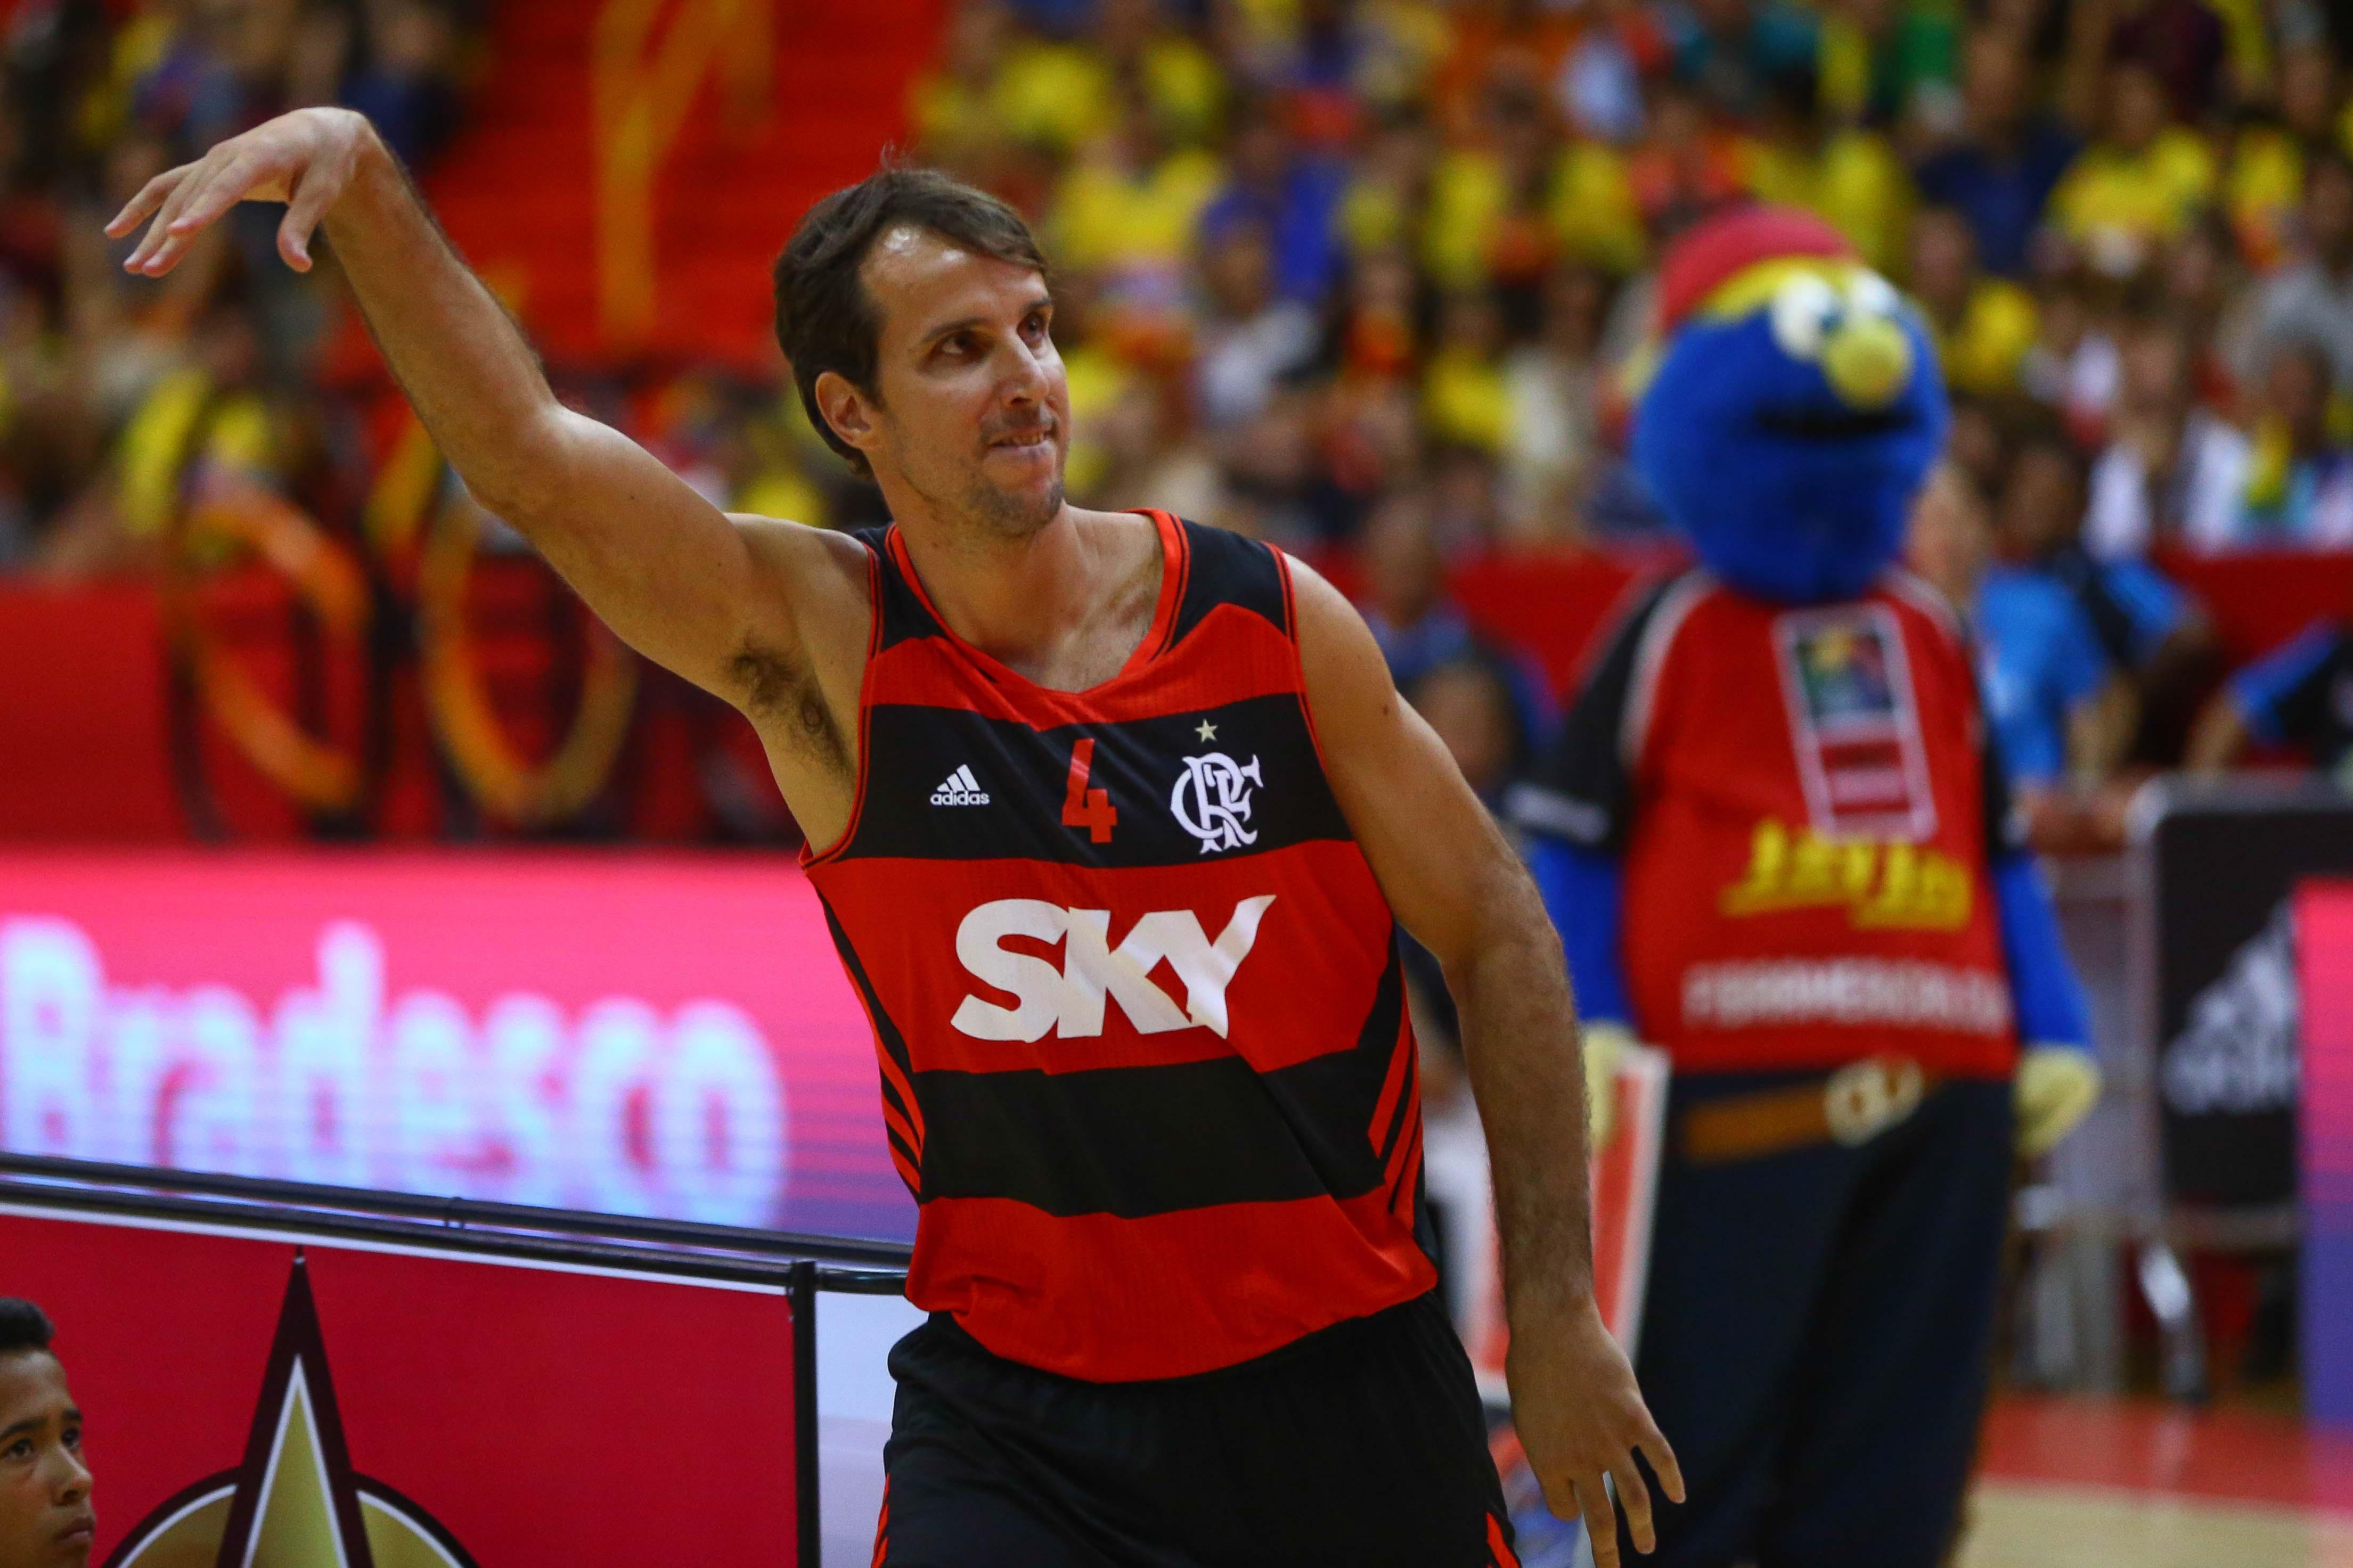 Mais uma vez com desempenho fantástico, Marcelinho Machado venceu o Torneio de 3 pontos pelo segundo ano seguido (Fotojump/LNB)